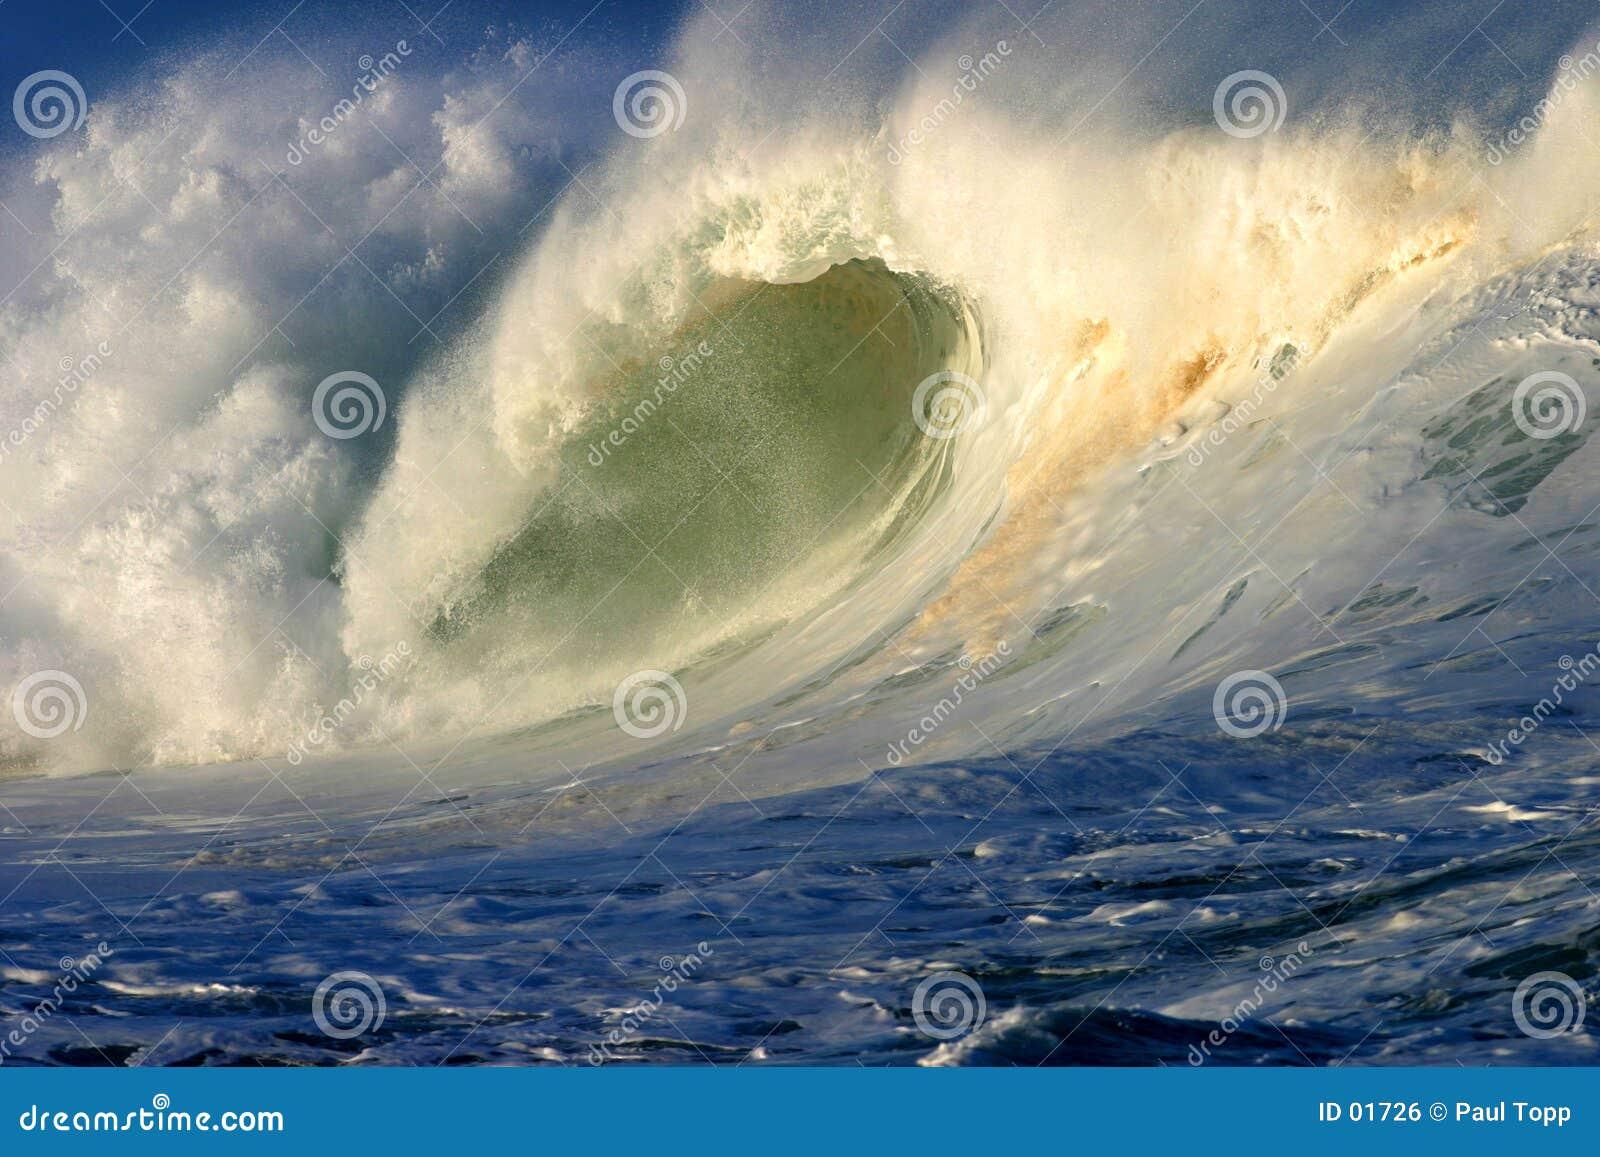 Powerful Surfing Ocean Wave in Hawaii